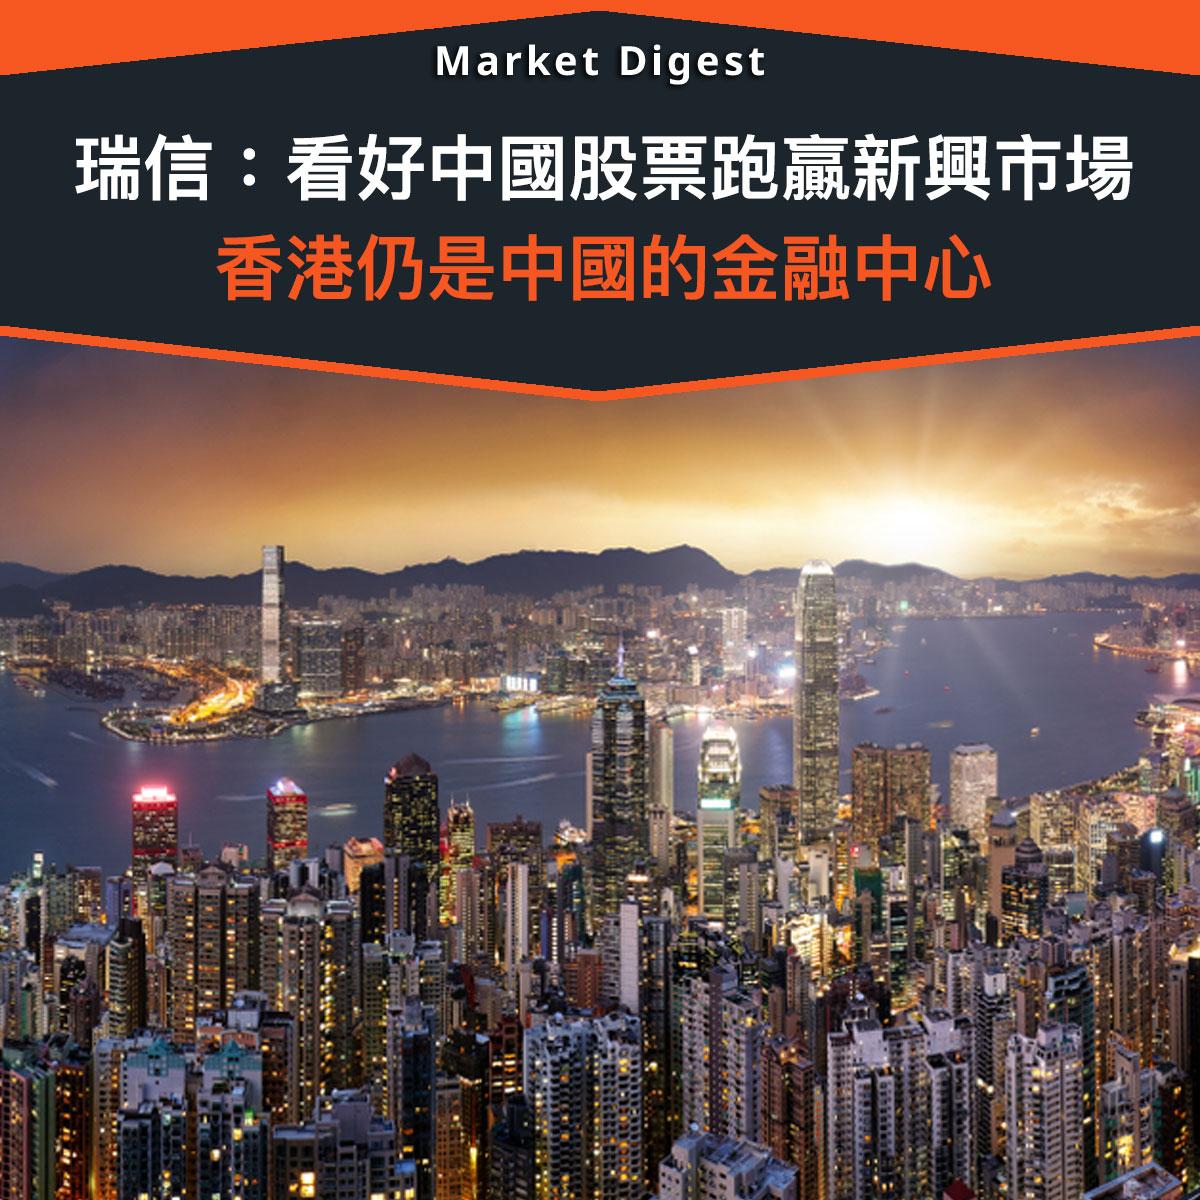 【市場熱話】瑞信:看好中國股票跑贏新興市場,香港仍是中國的金融中心